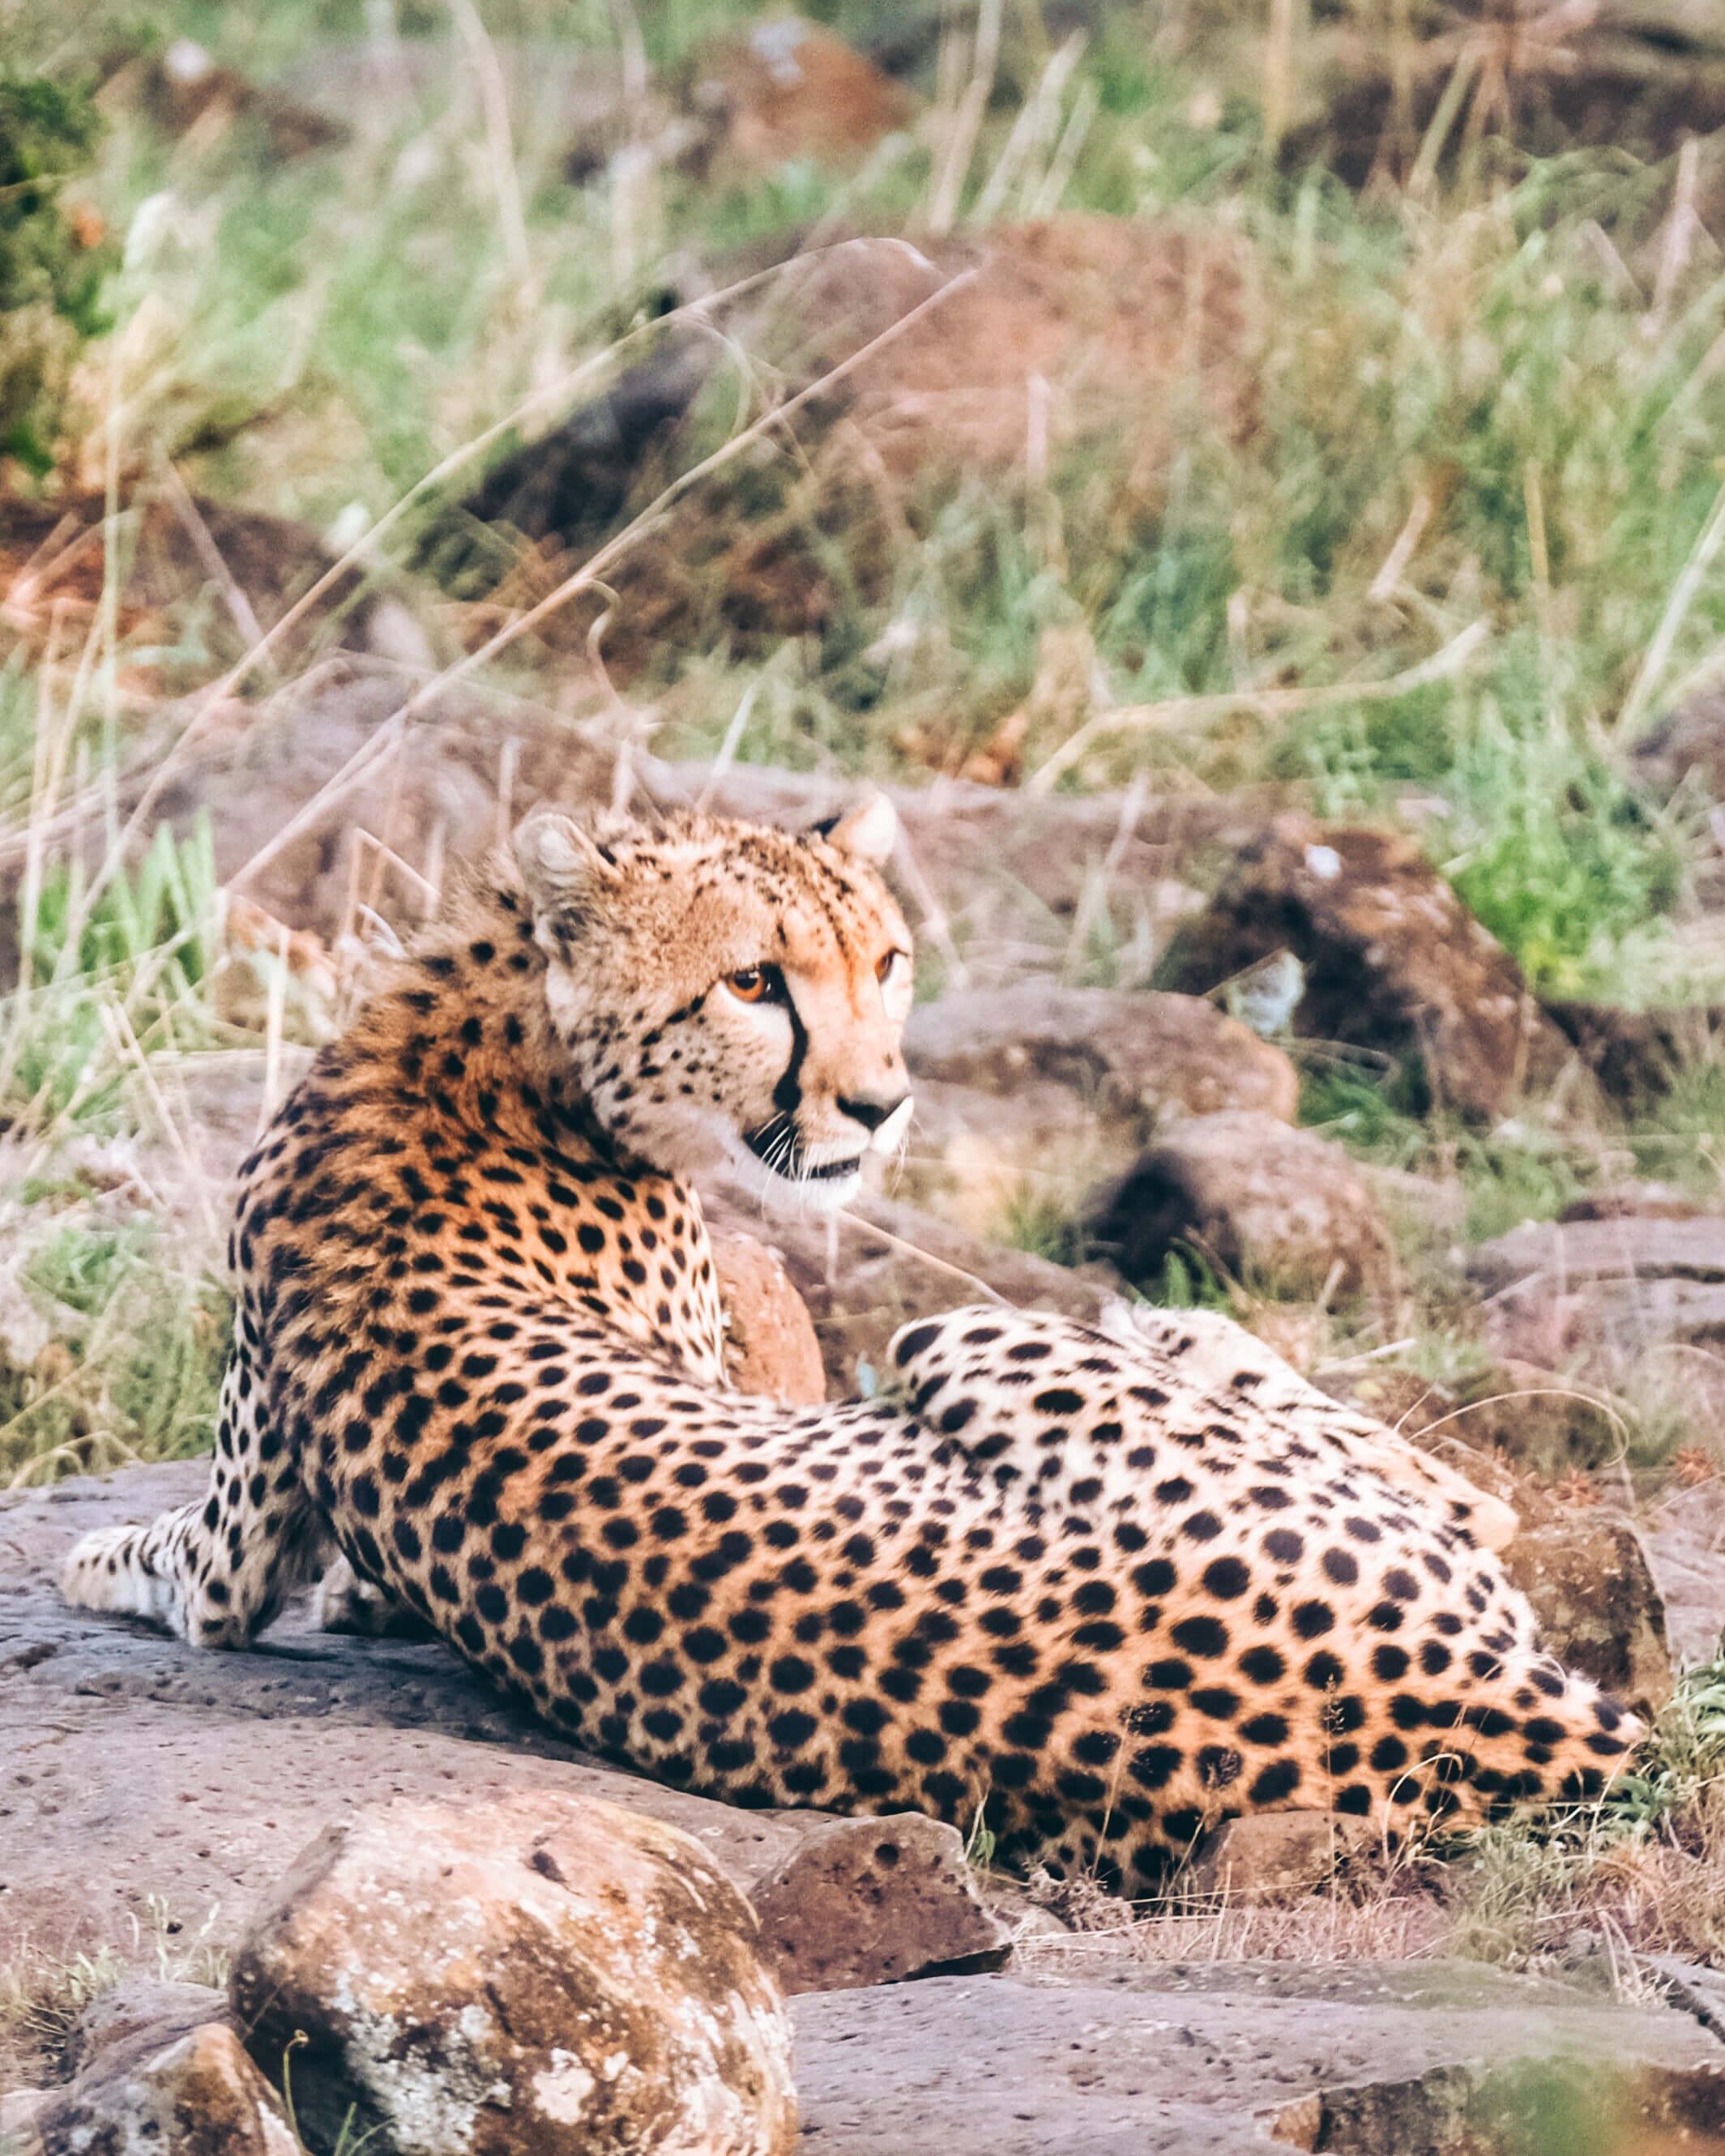 Close up shot of cheetah on safari